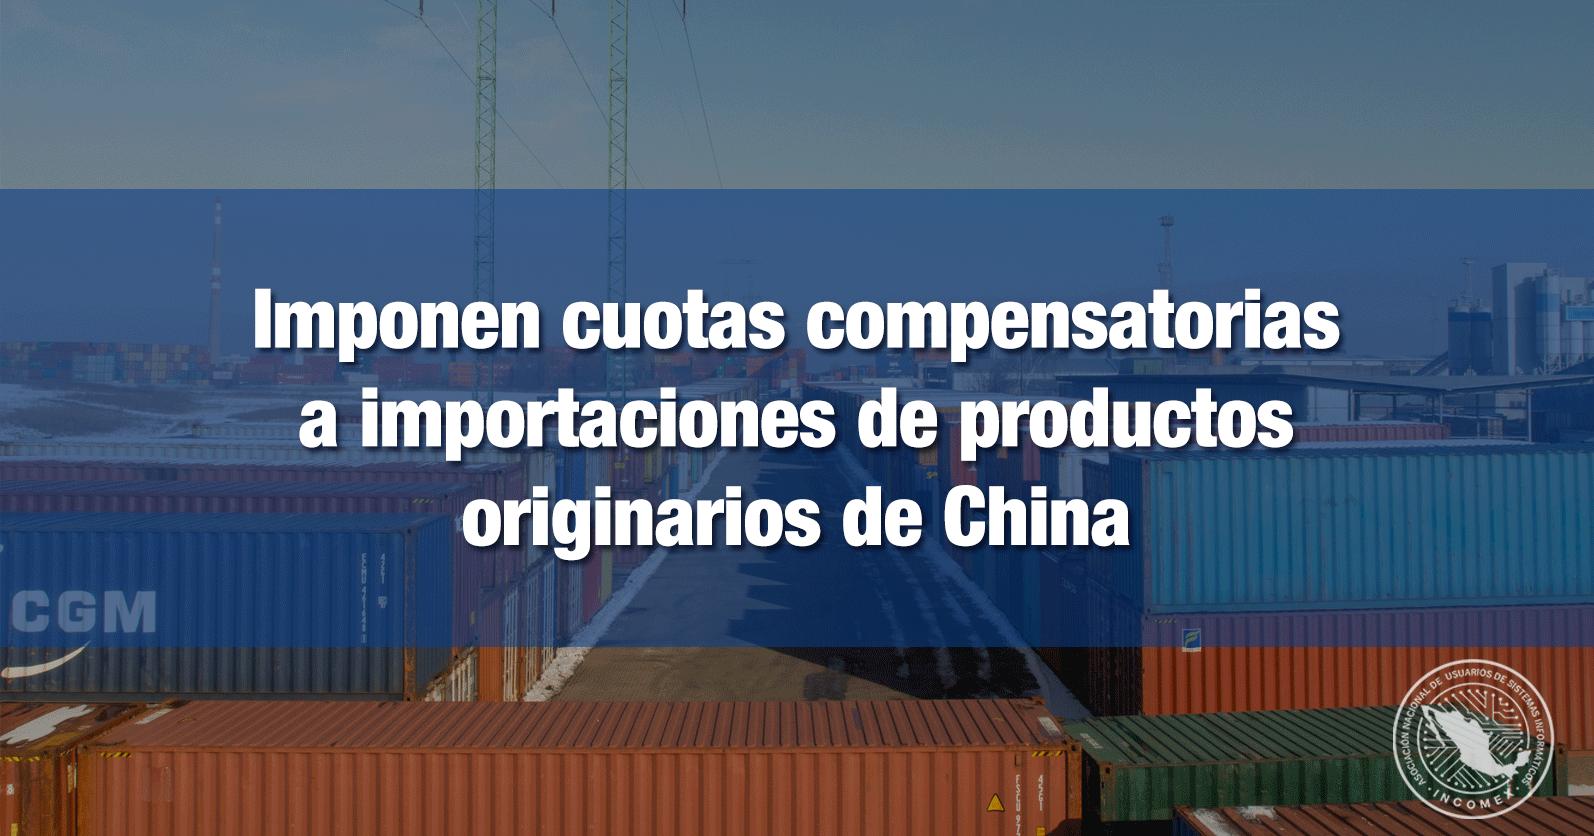 Imponen cuotas compensatorias a importaciones de productos originarios de China